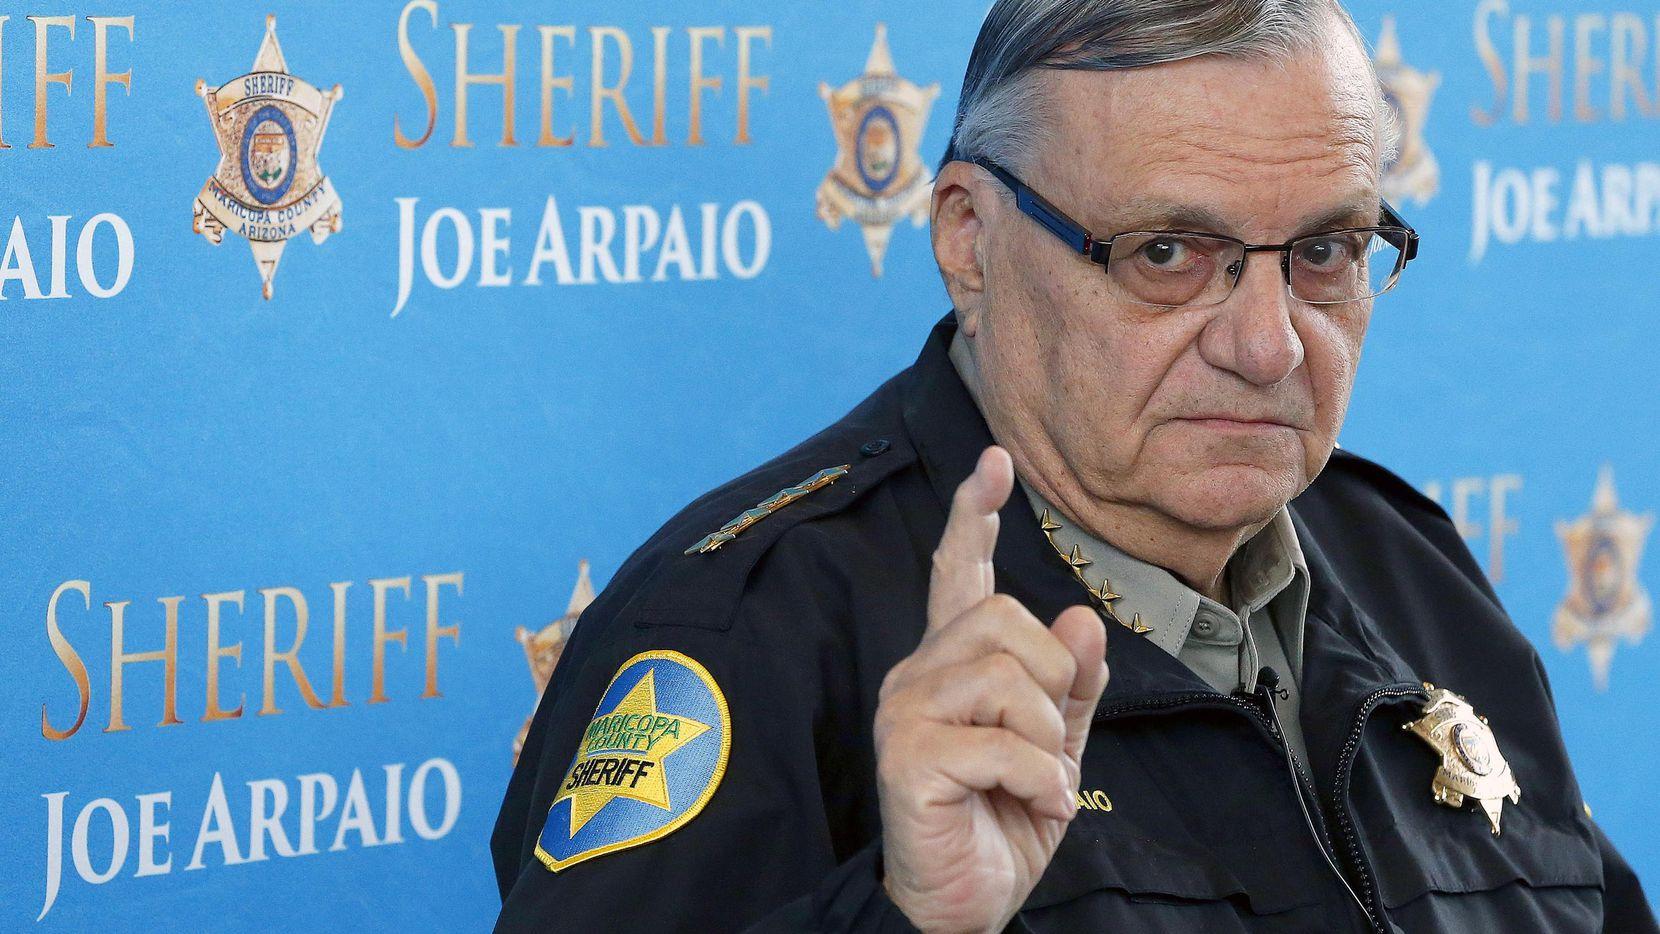 El ex sherrif del condado de Maricopa, Joe Arpaio, atiende a los medios de comunicación en una conferencia de prensa en Phoenix. El lunes 31 de julio de 2017 Arpaio fue hallado culpable por desacatar las intrucciones de un juez. (AP/ROSS D. FRANKLIN)